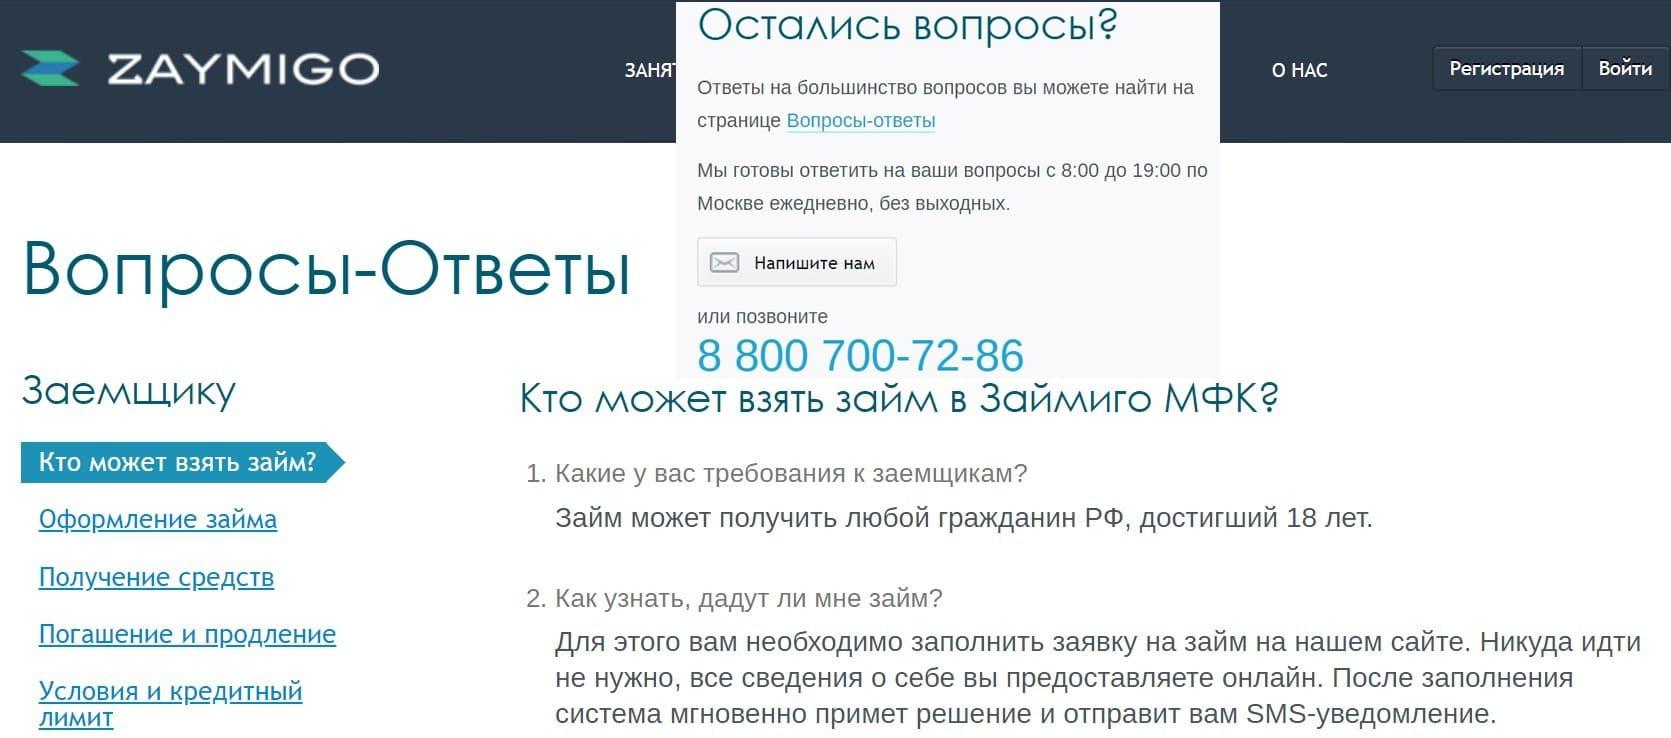 Центр финанс личный кабинет оплатить займ